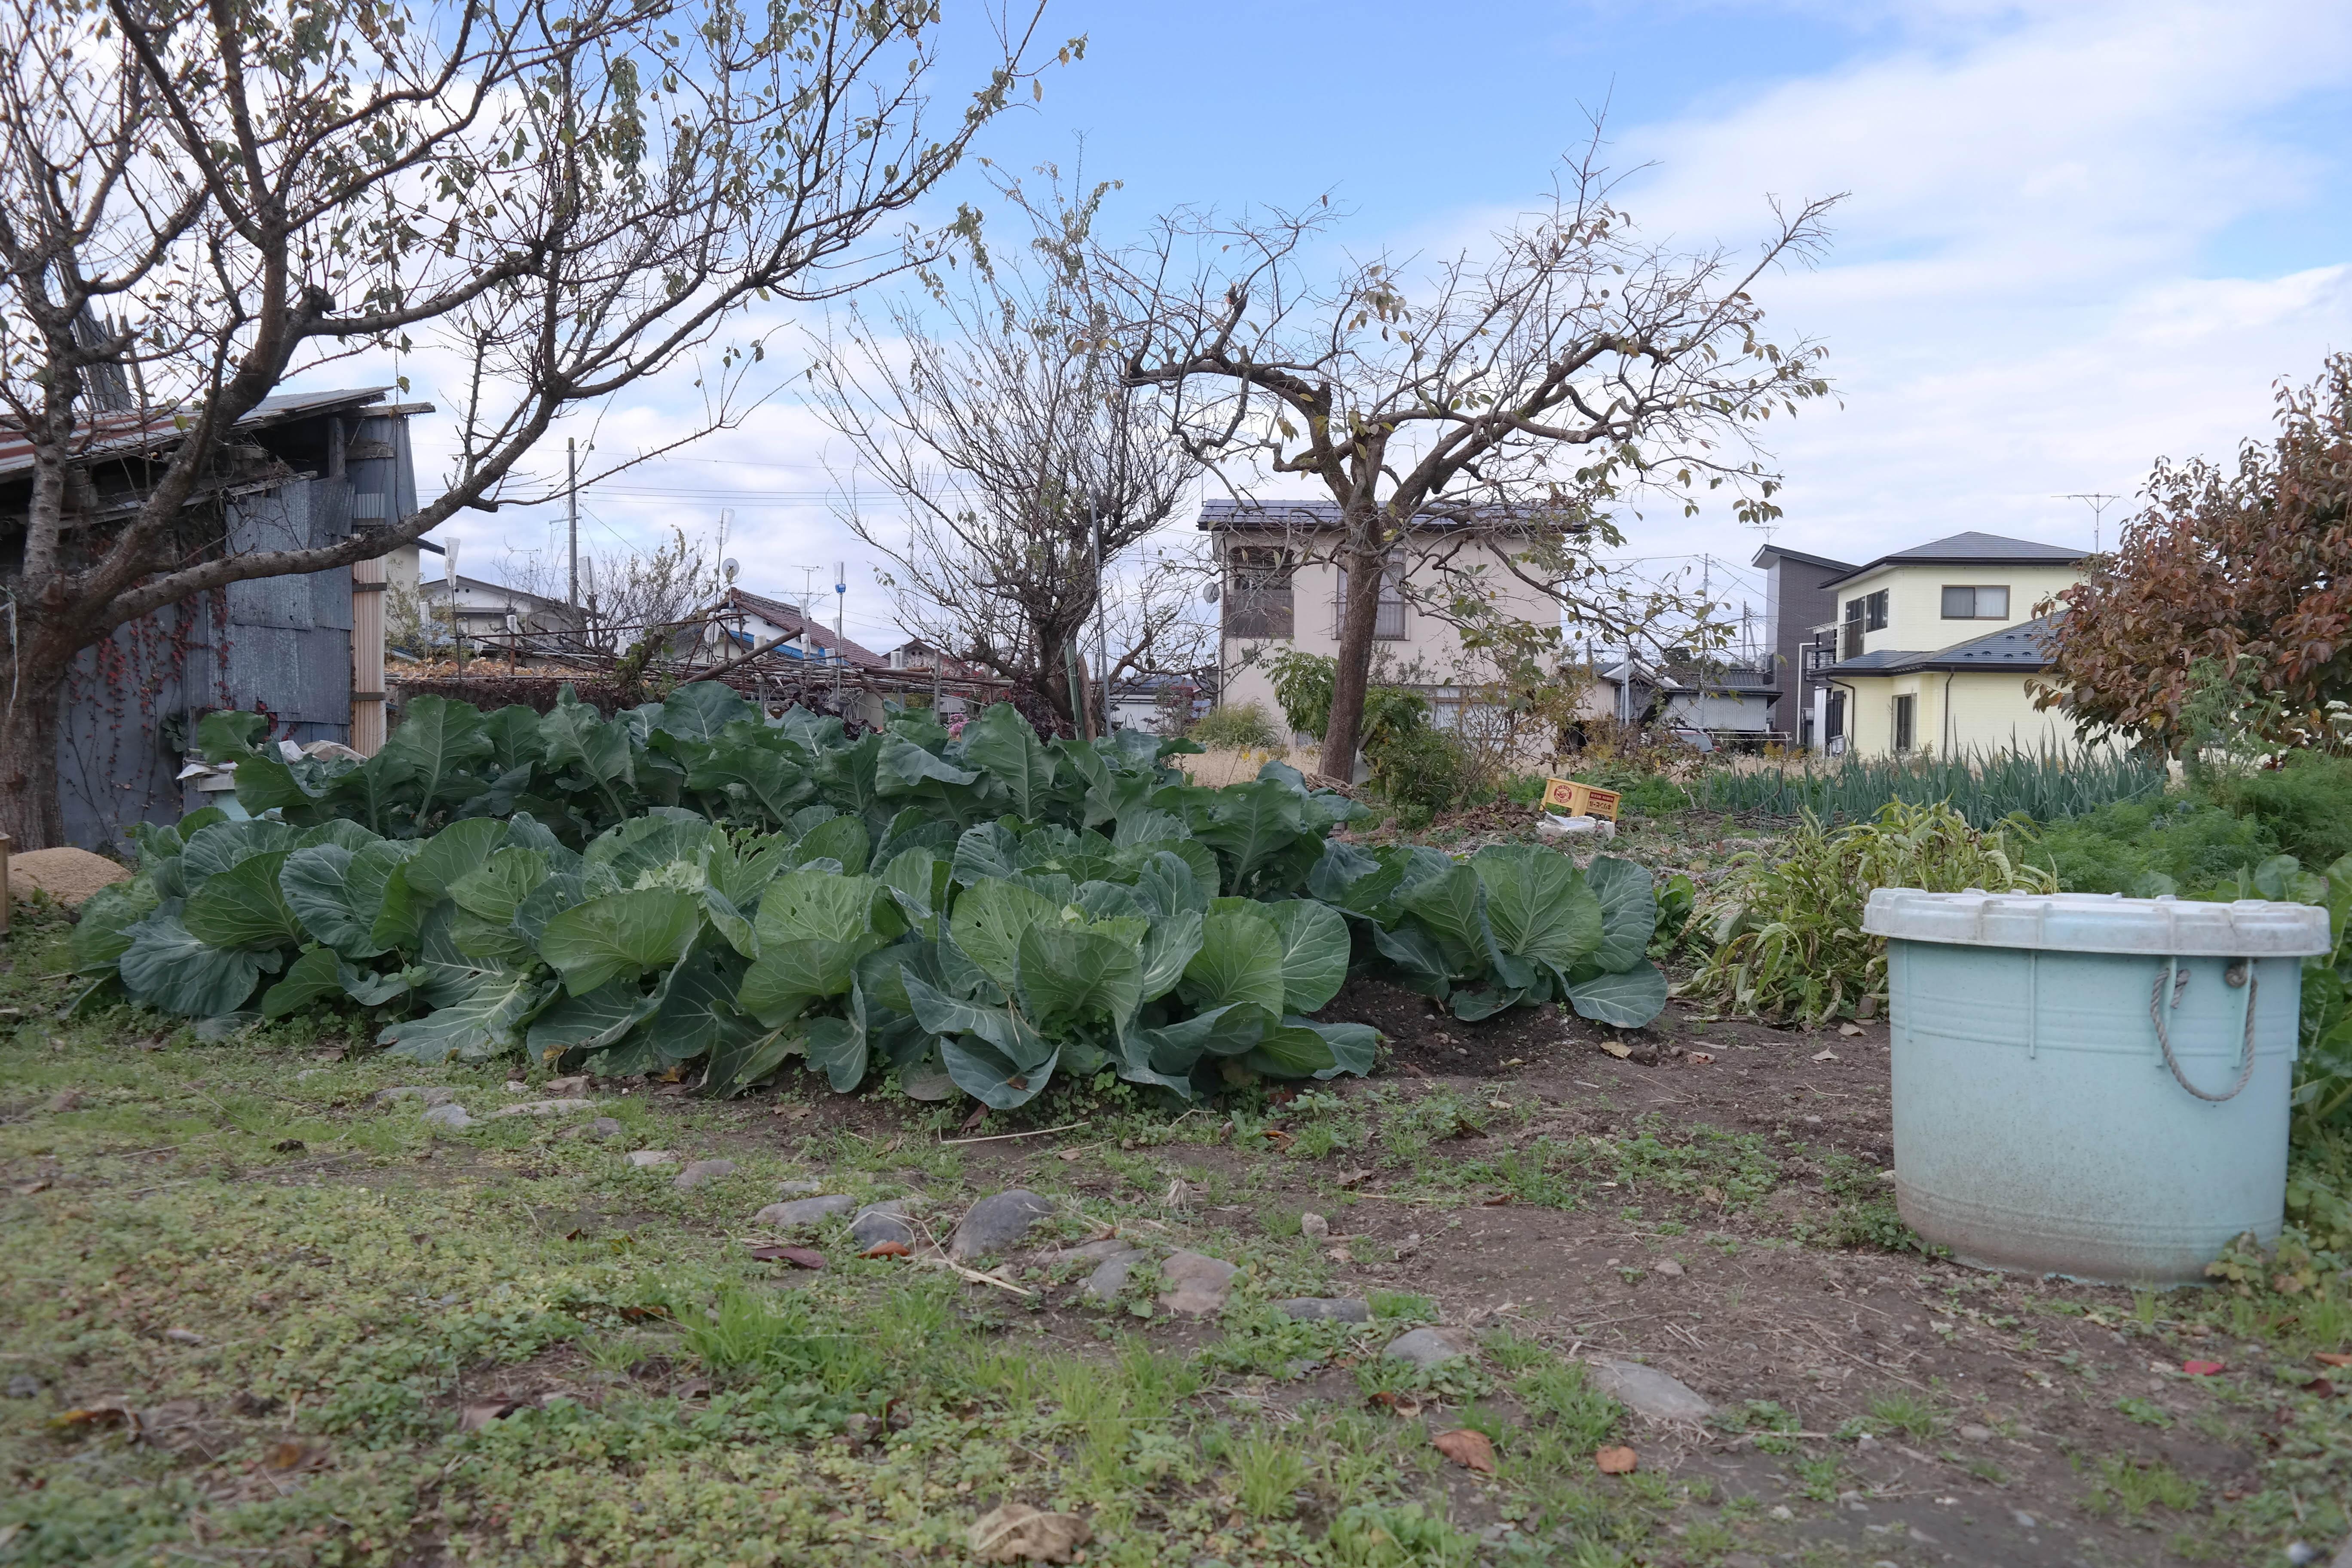 kitakata gardening community